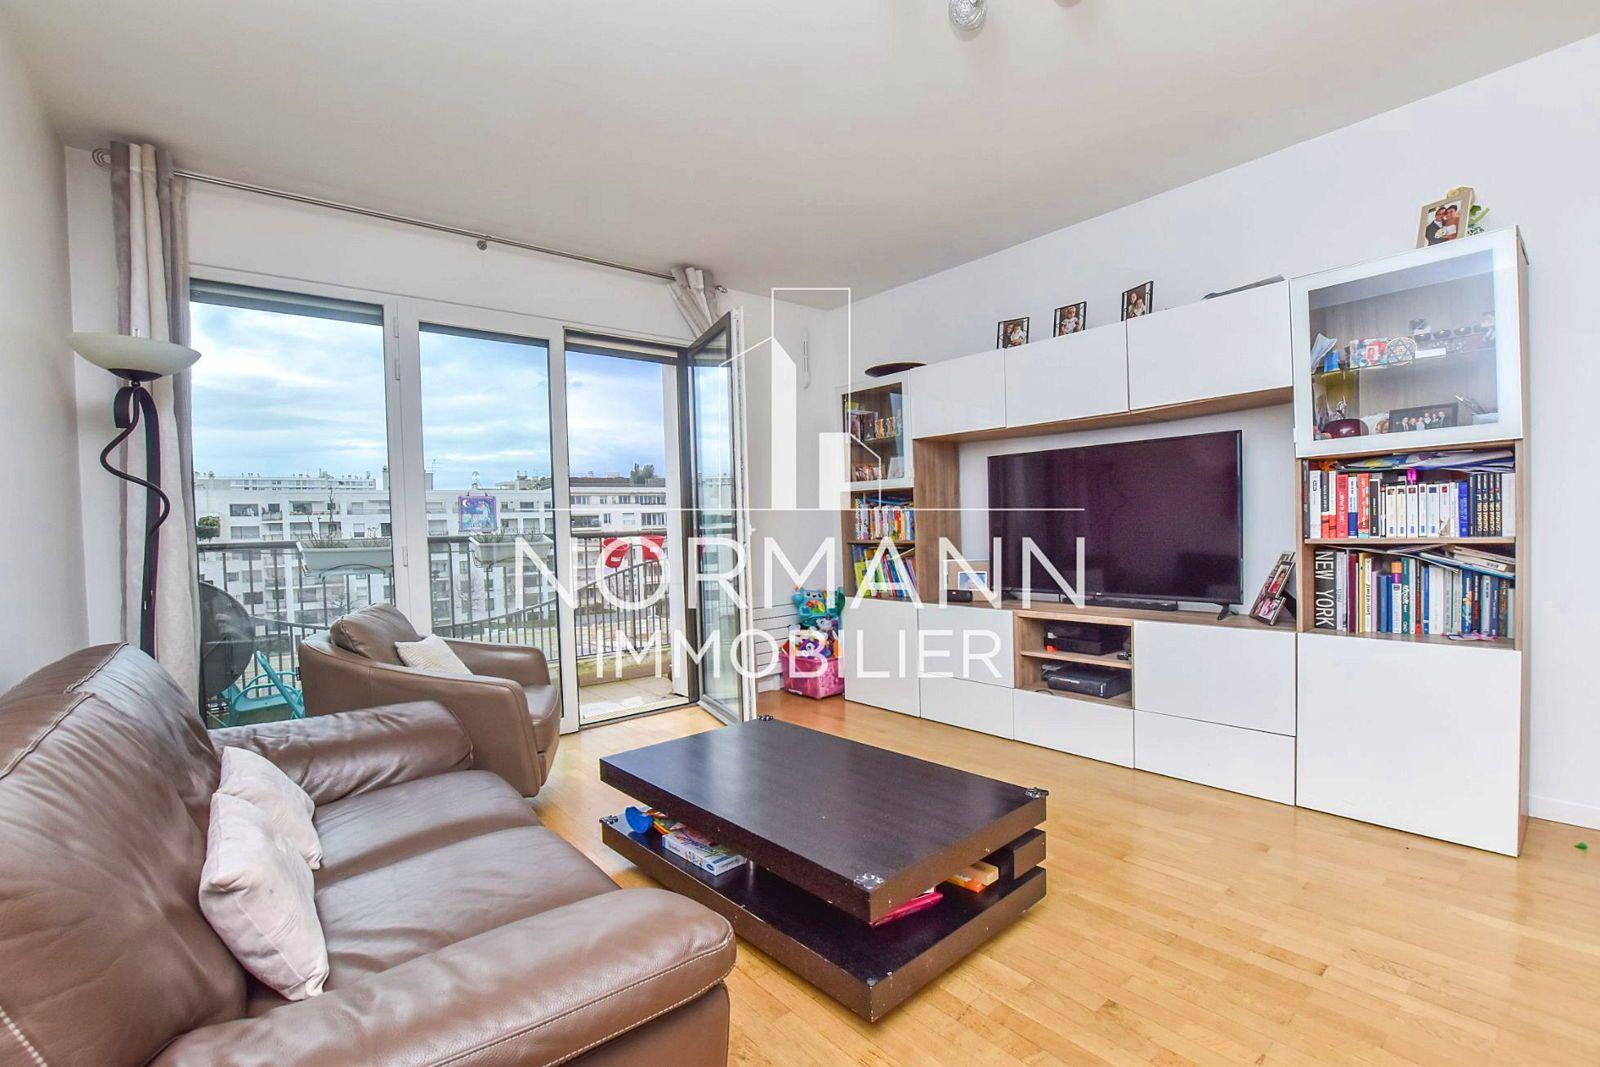 Vends Appartement 70m²,2chambres, balcon à Levallois Anatole France